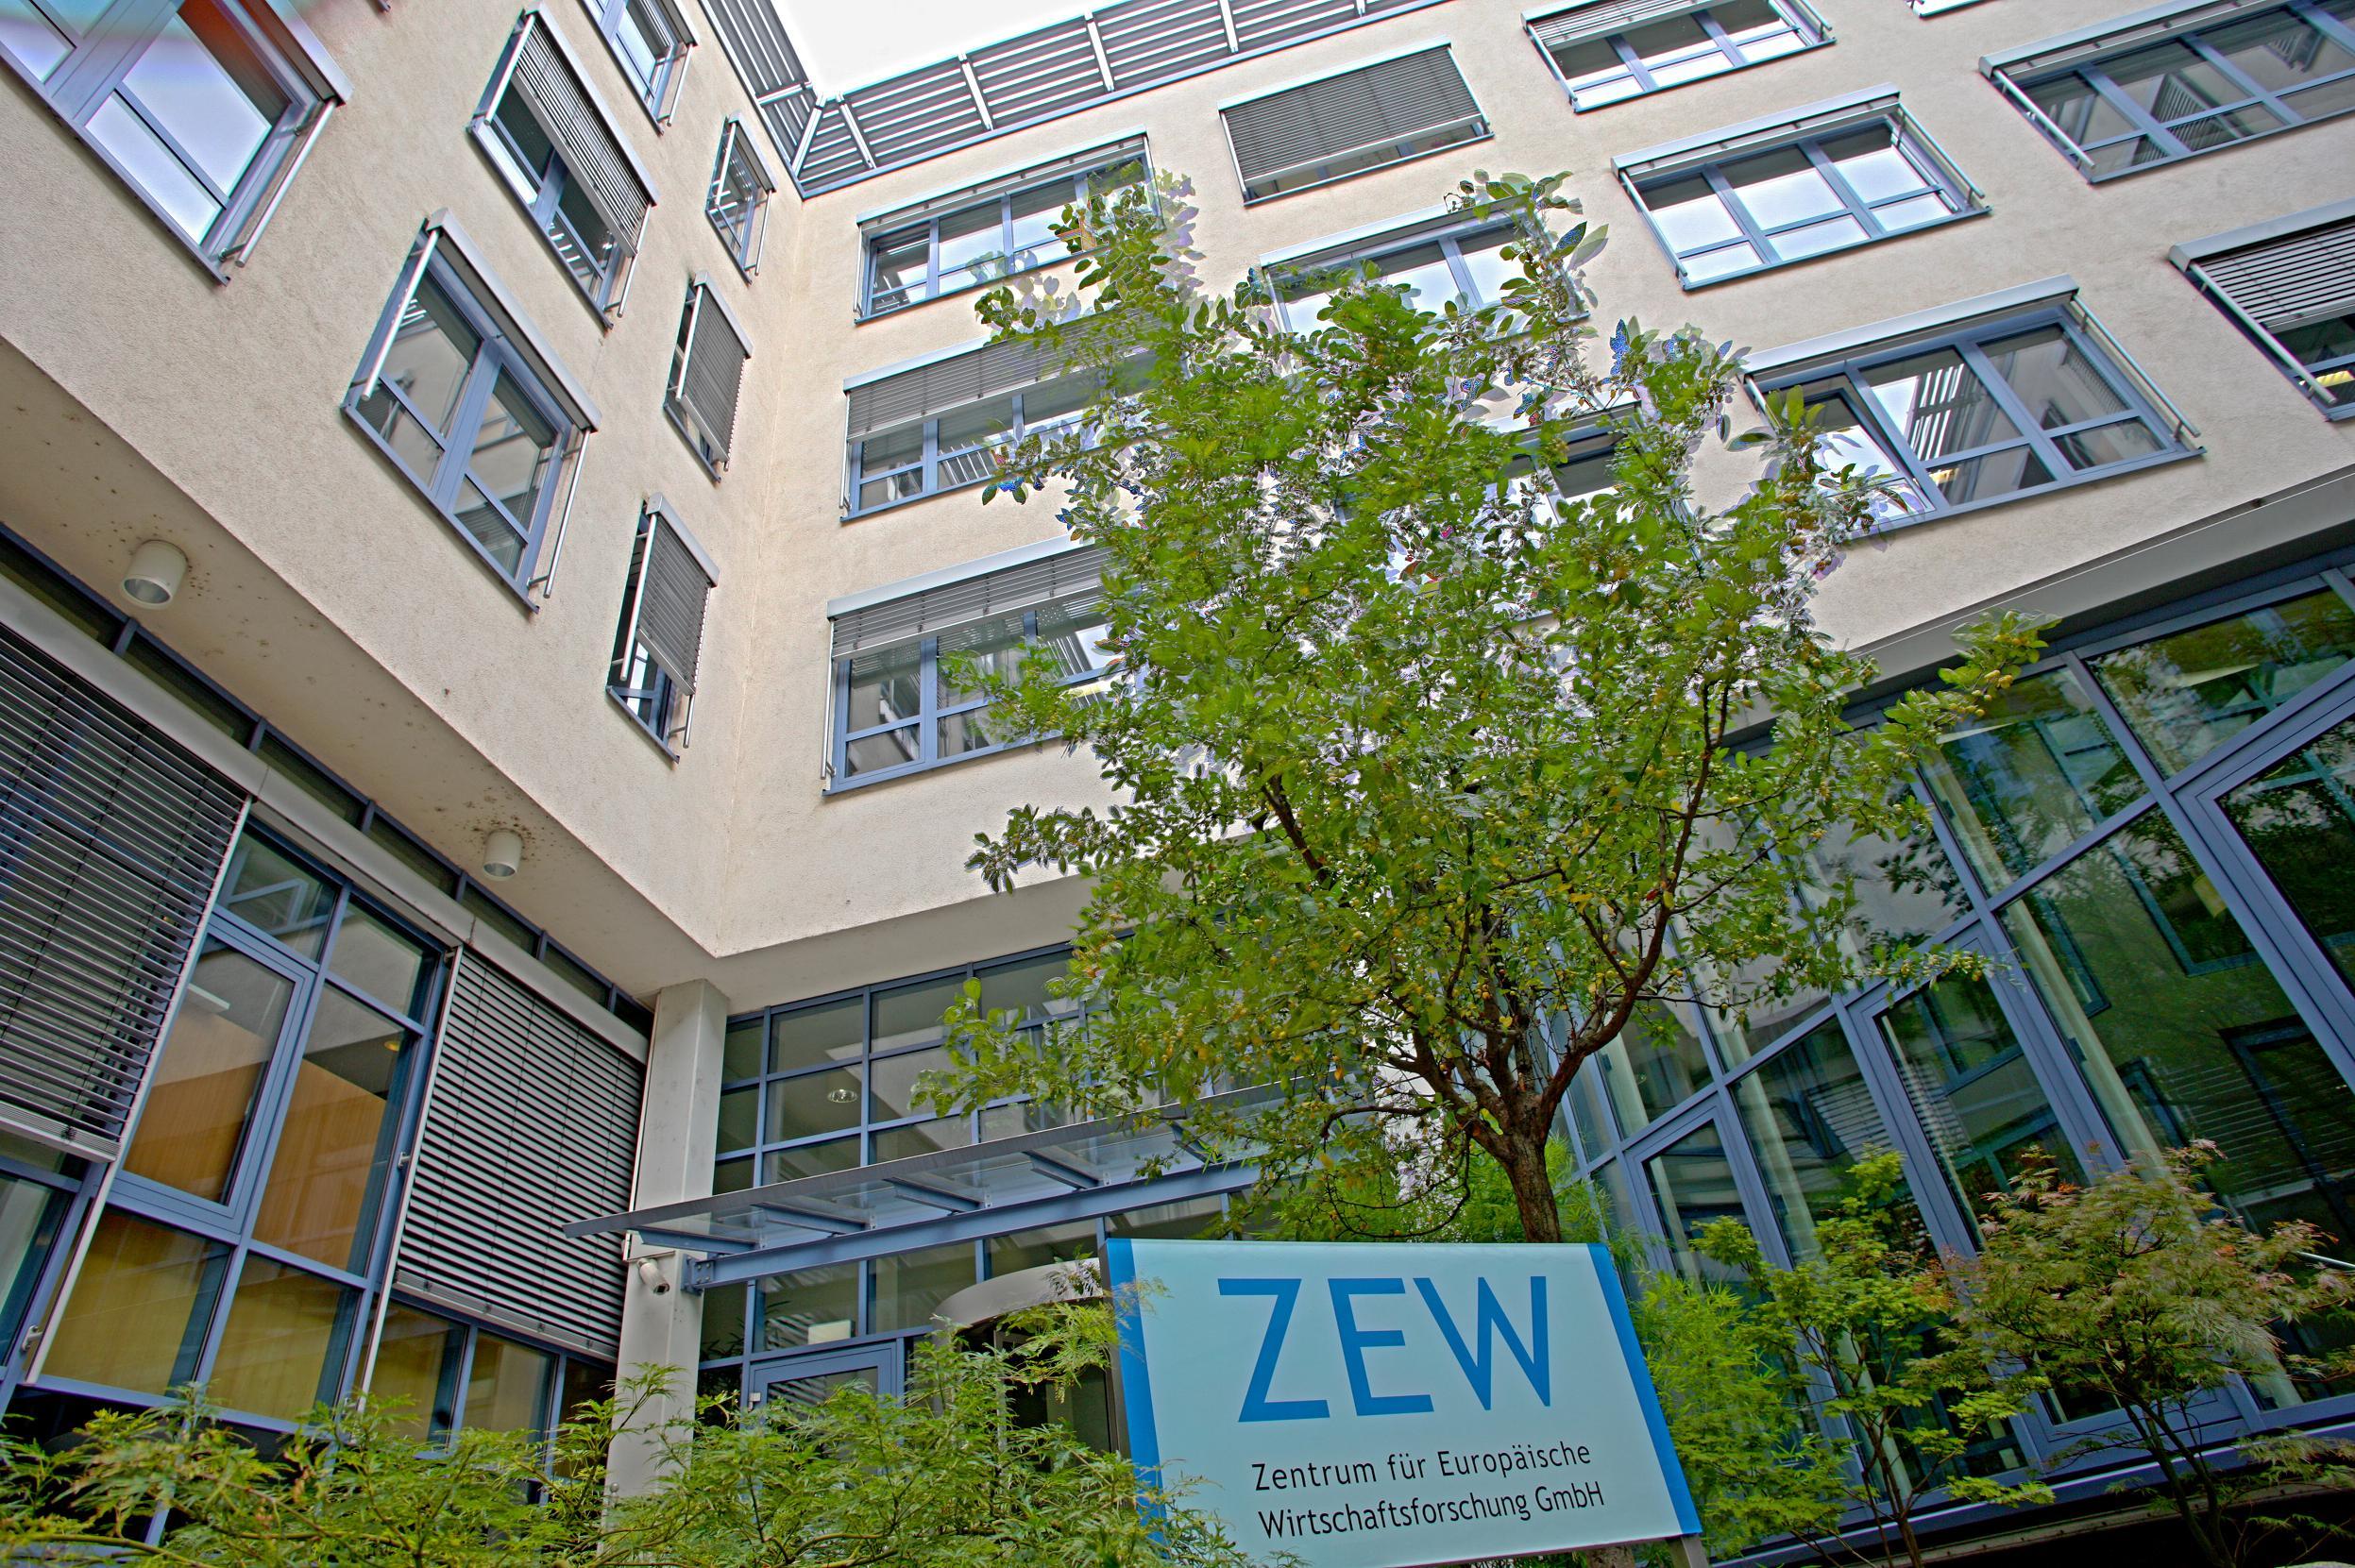 مؤشر ZEW لثقة الاقتصاد الألماني يتراجع بقوة للشهر الثاني على التوالي